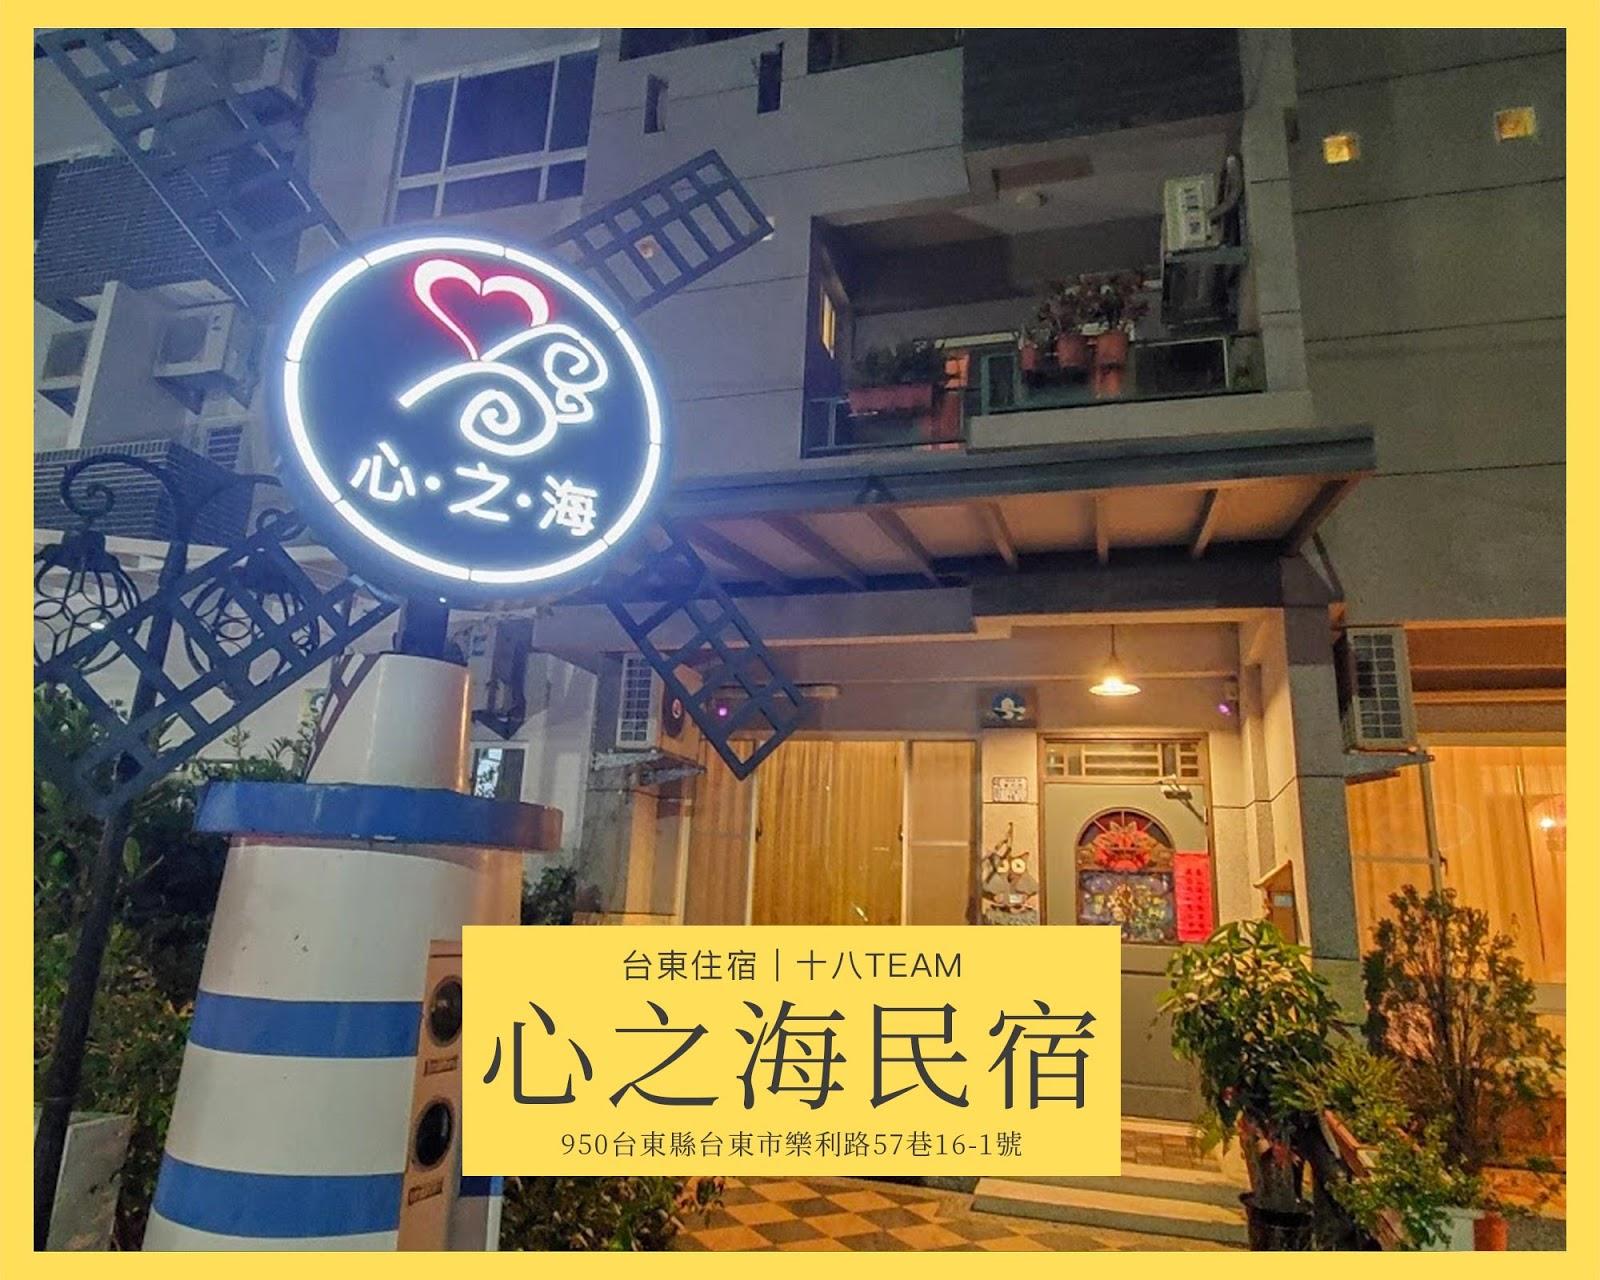 【台東旅遊】心之海民宿|感受臺東的熱情,在民宿裡彷彿回到家一般舒服!